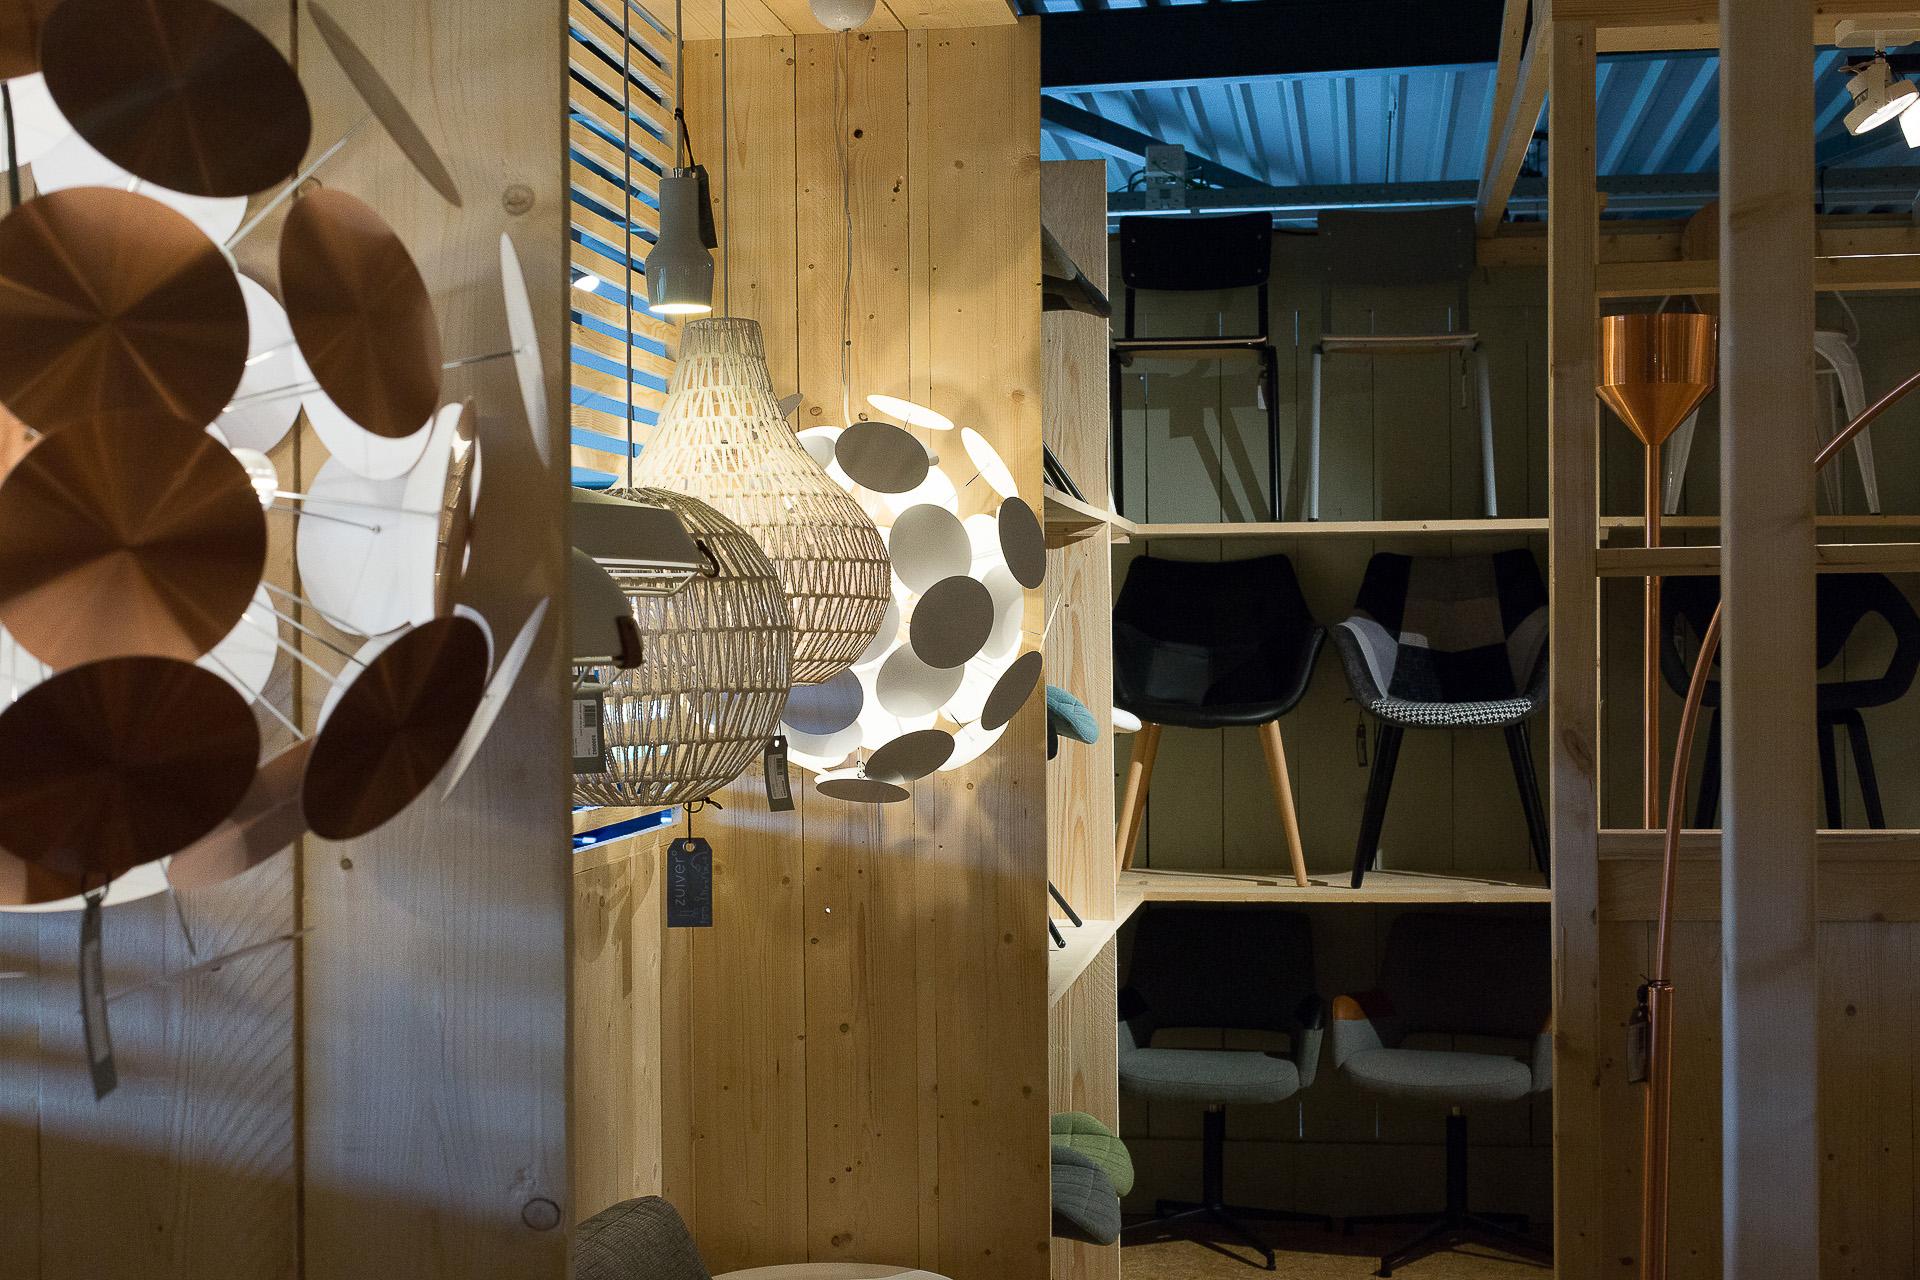 Inneneinrichtung Heidelberg, Mannheim, Stuttgart - Gaffga Interieur Design - Moebel von Zuiver, Leuchten